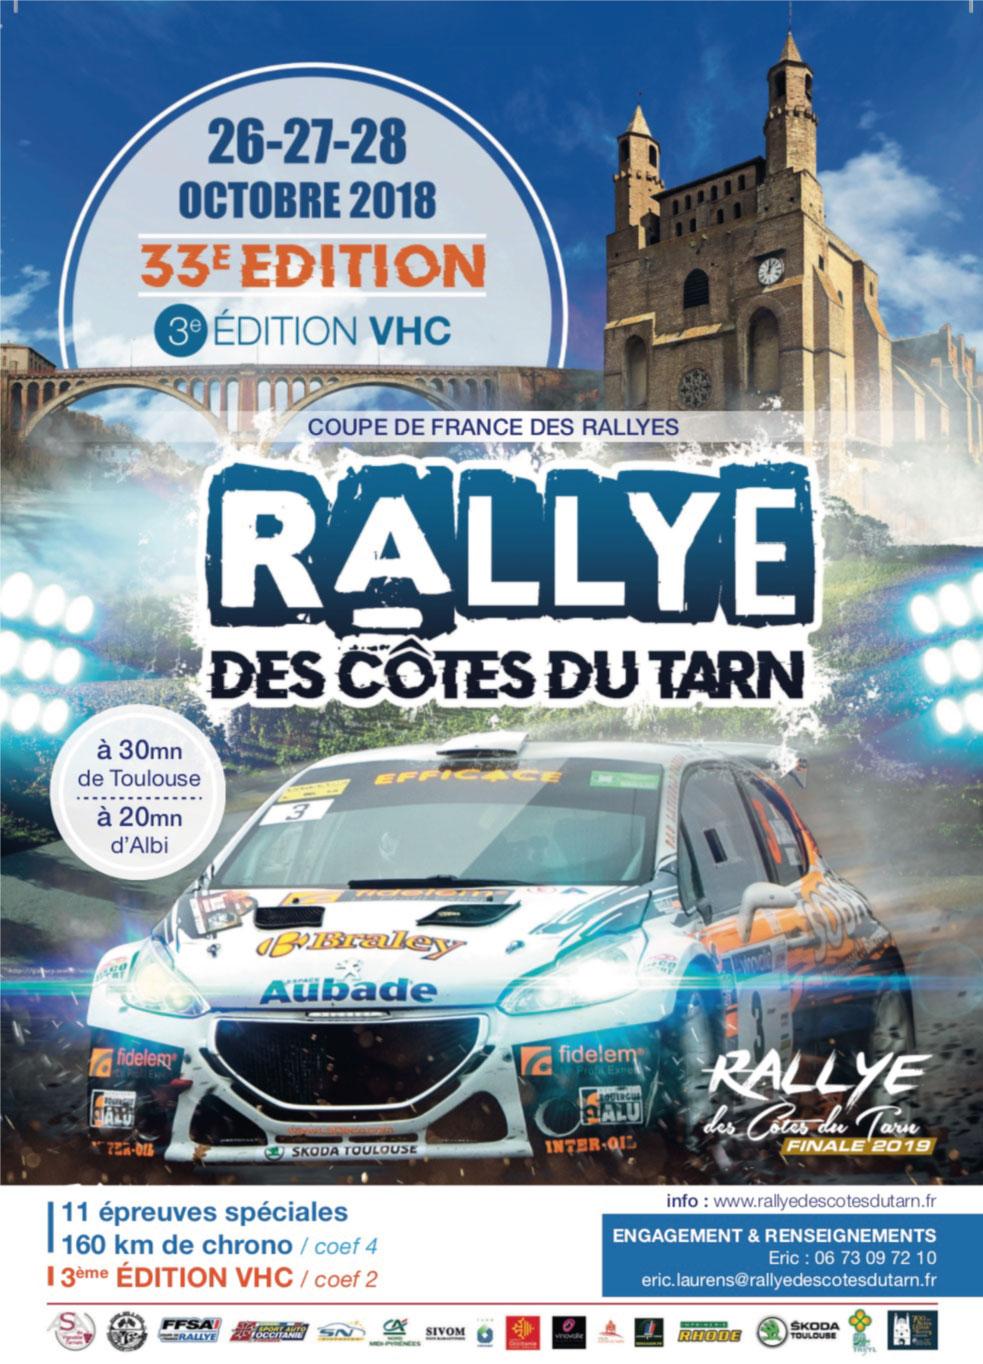 rallye-cotes-du-tarn-2018-1.jpg